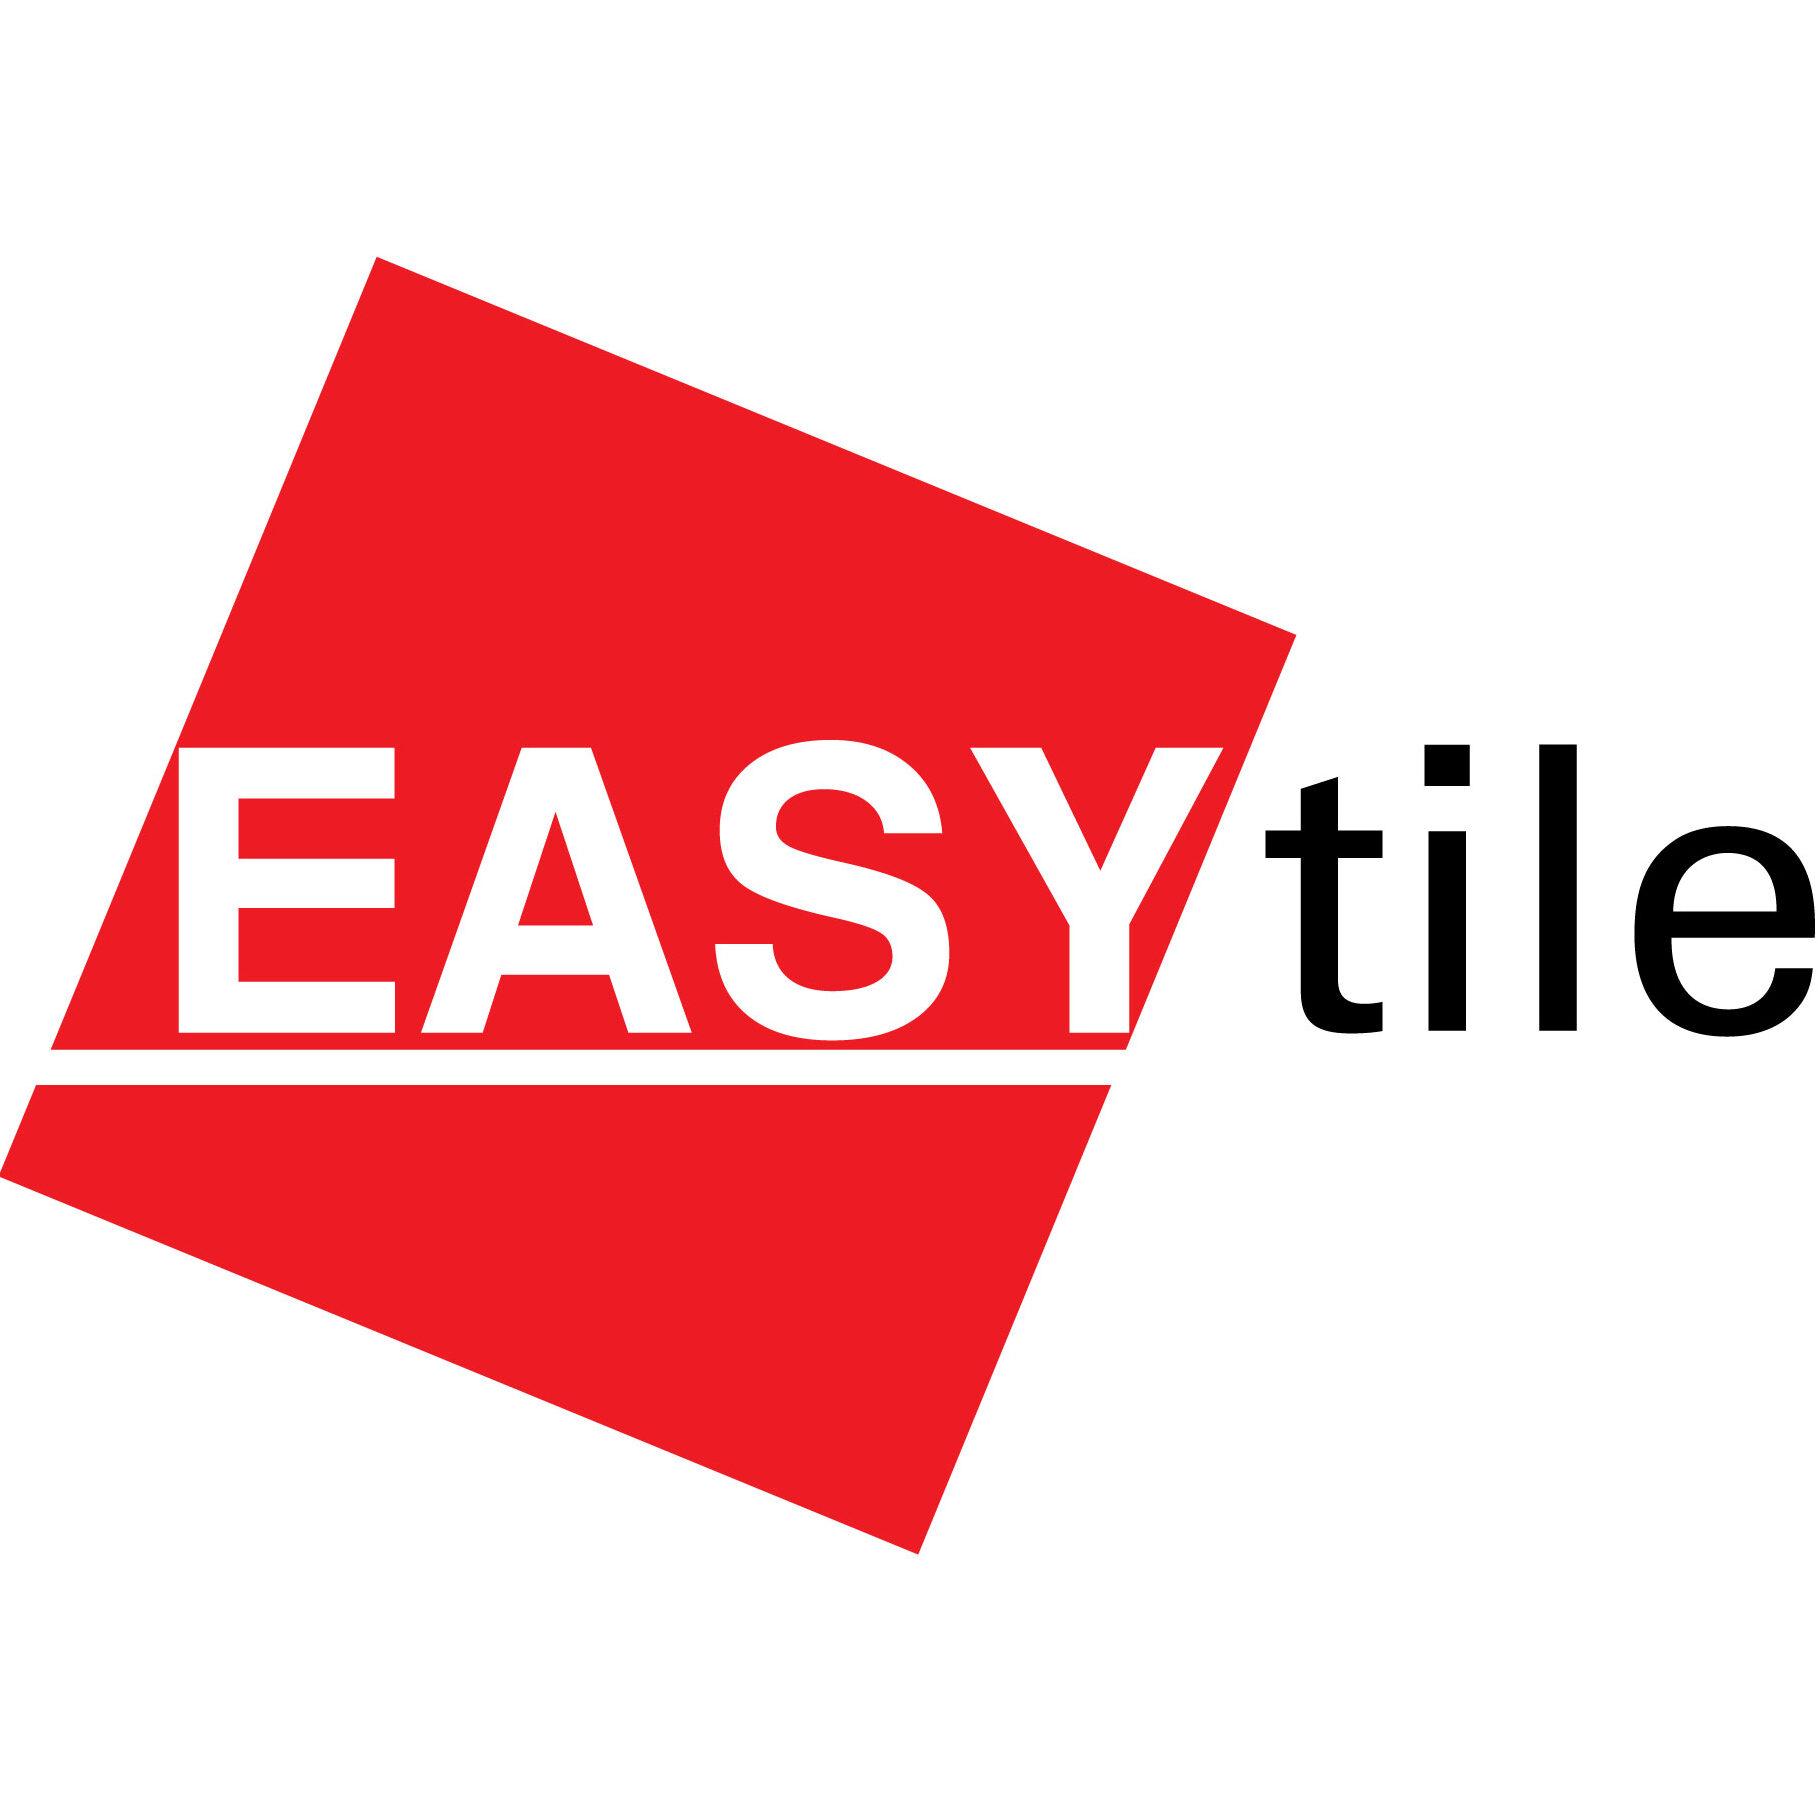 EASY tile Flooring